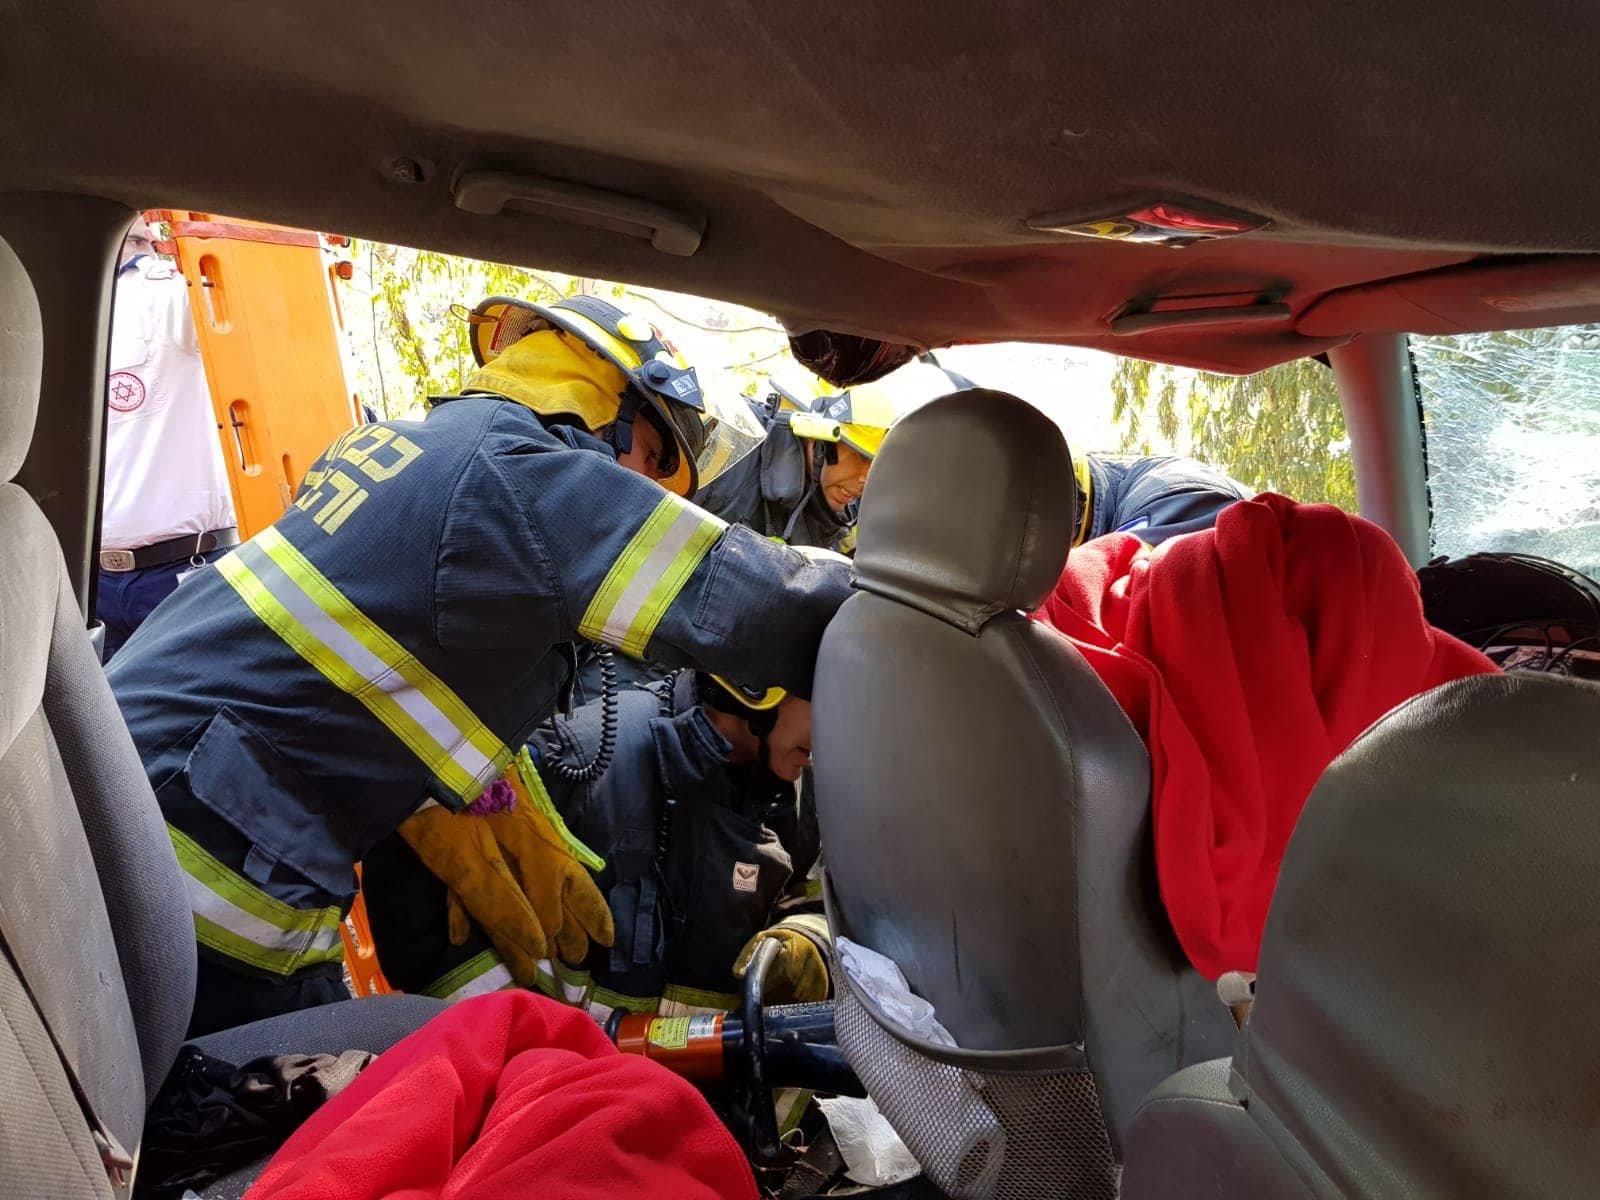 ضحية حادث الطرق قرب الشجرة: الأسير الأمني السابق وسام خليل من البعينة